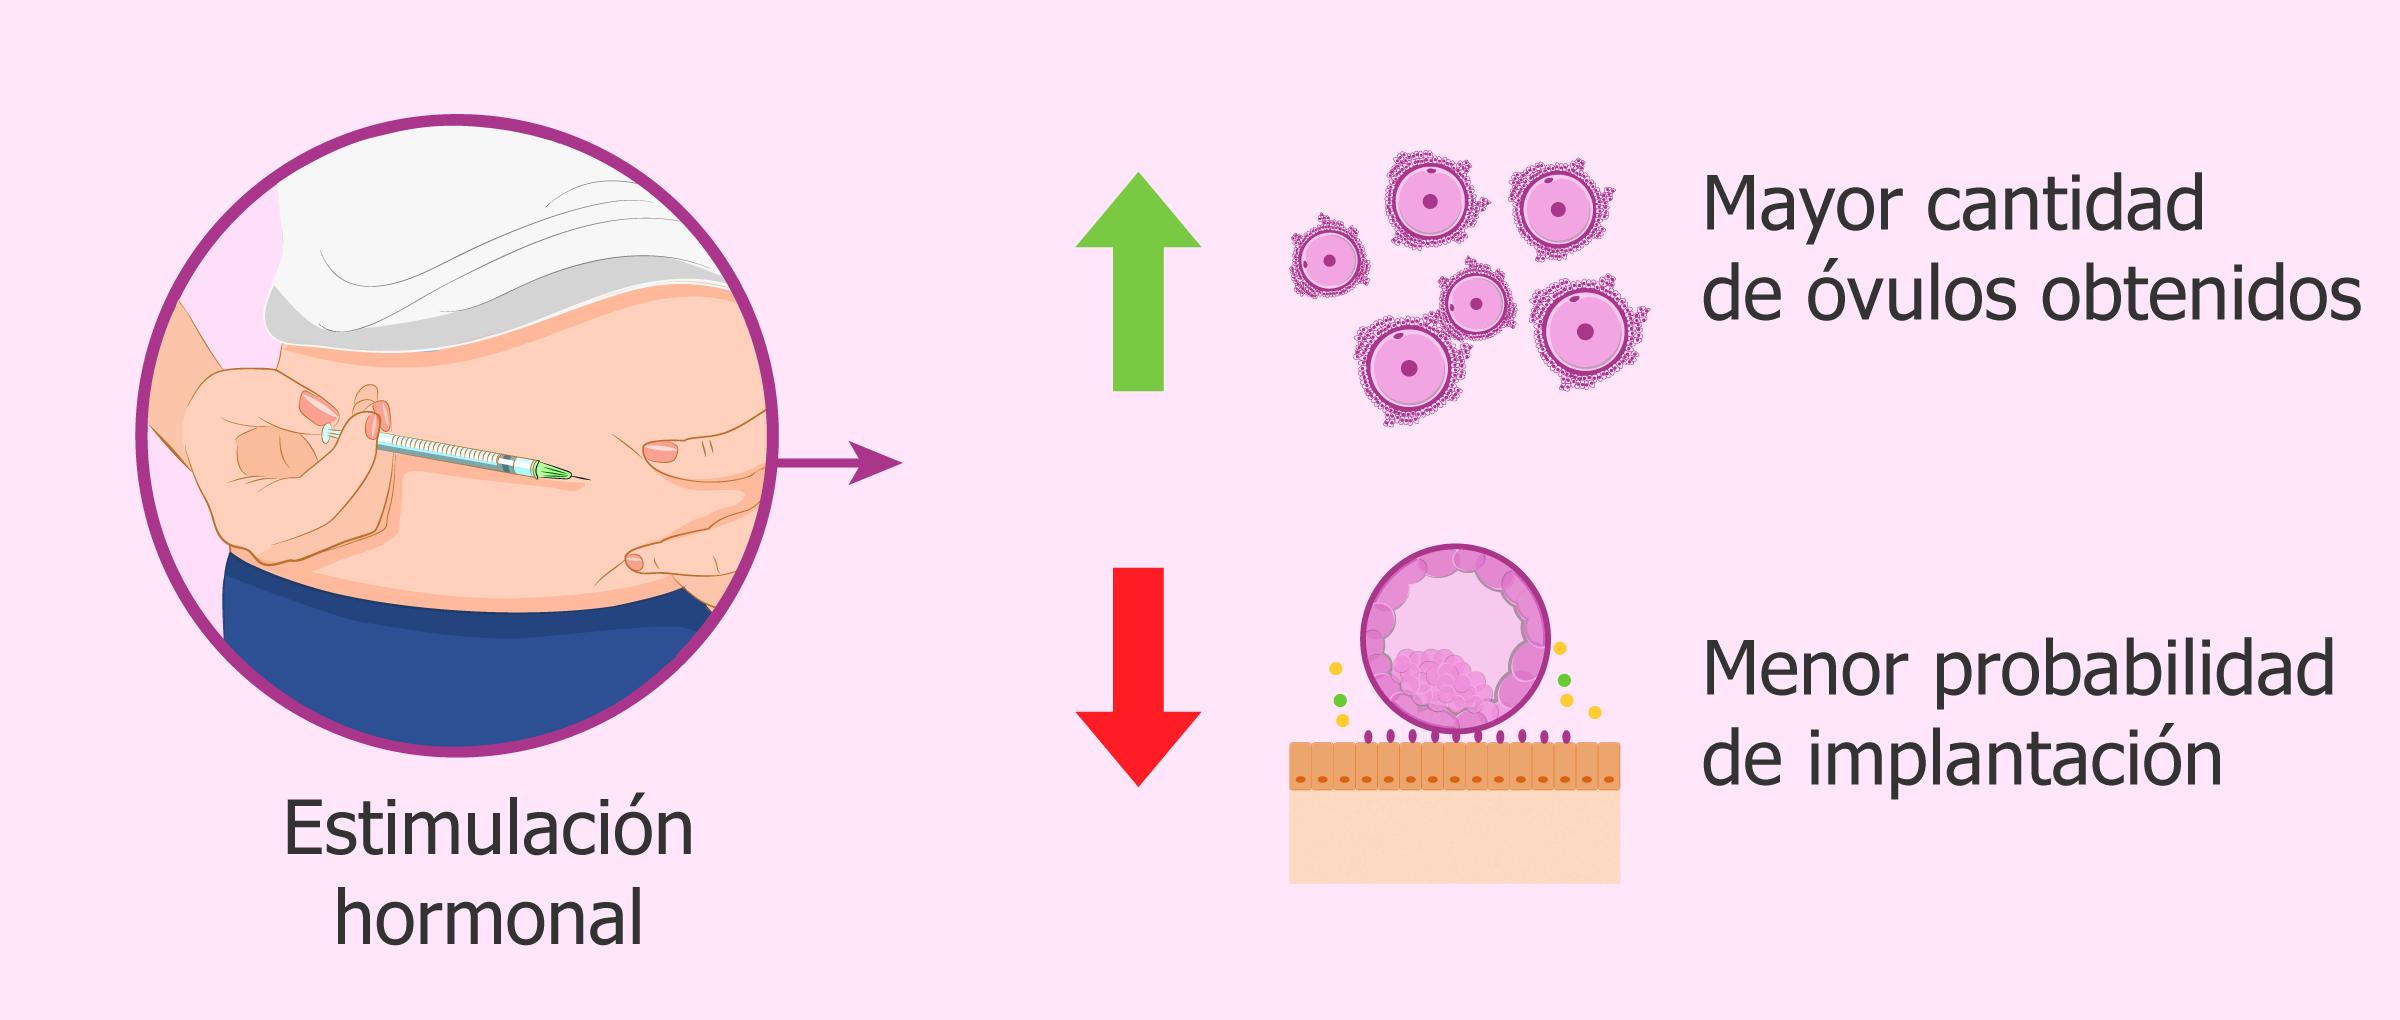 Calidad del endometrio